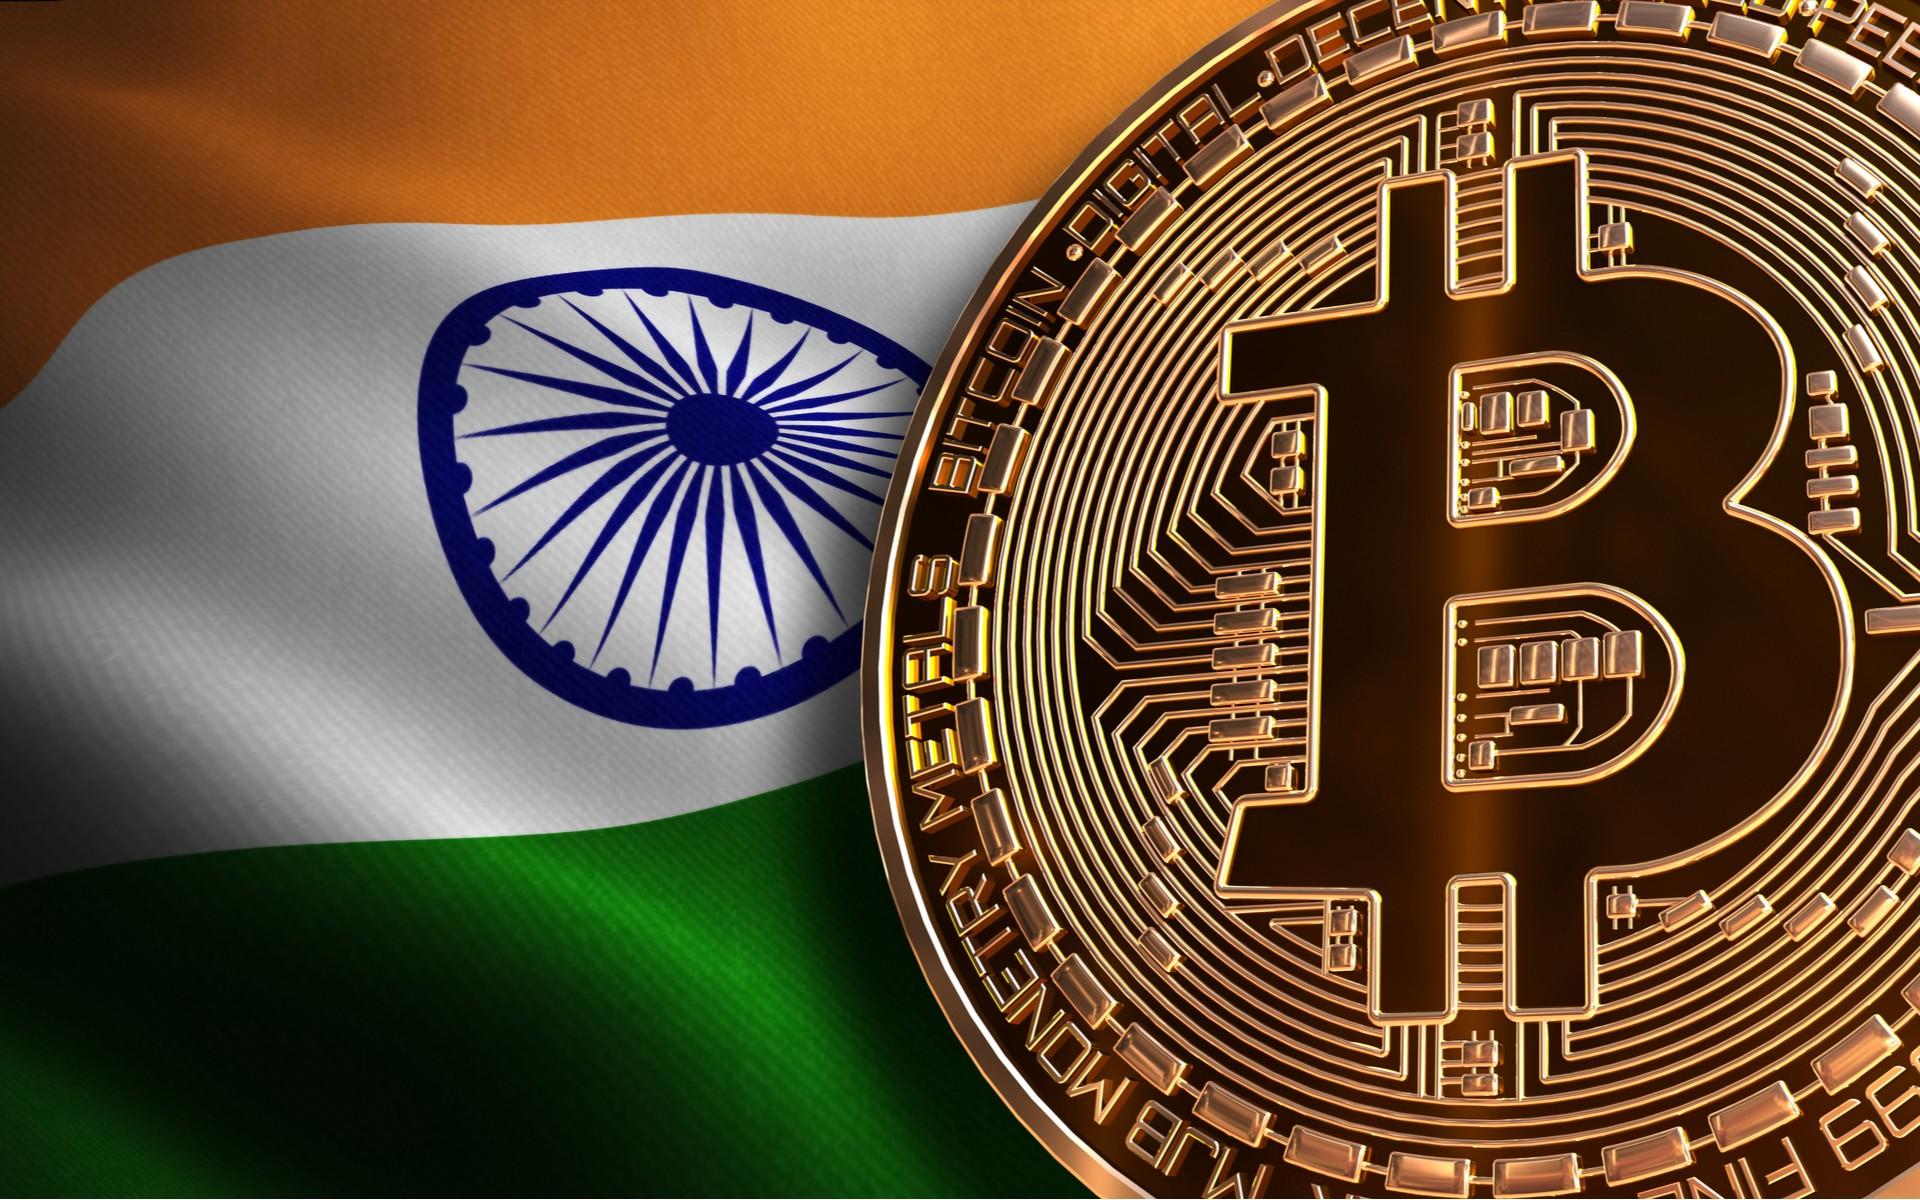 hindistan yakinda kripto varlik gelirlerini vergilendirebilir